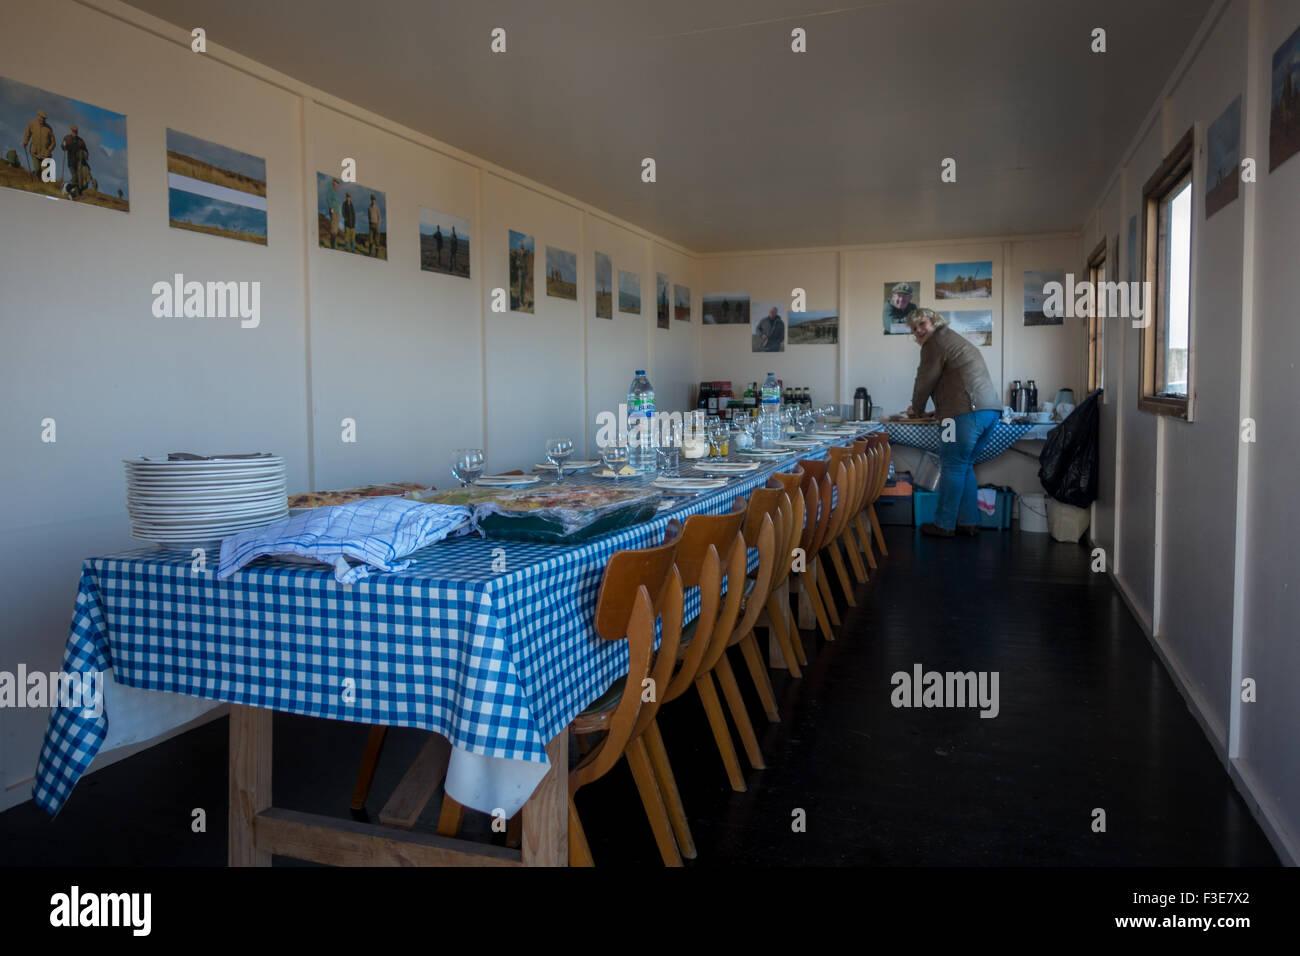 Im Inneren der Moorhuhn-Shooter Hütte auf Burley Moor in Yorkshire, Vorbereitung auf das Post-Shooting fest Stockbild